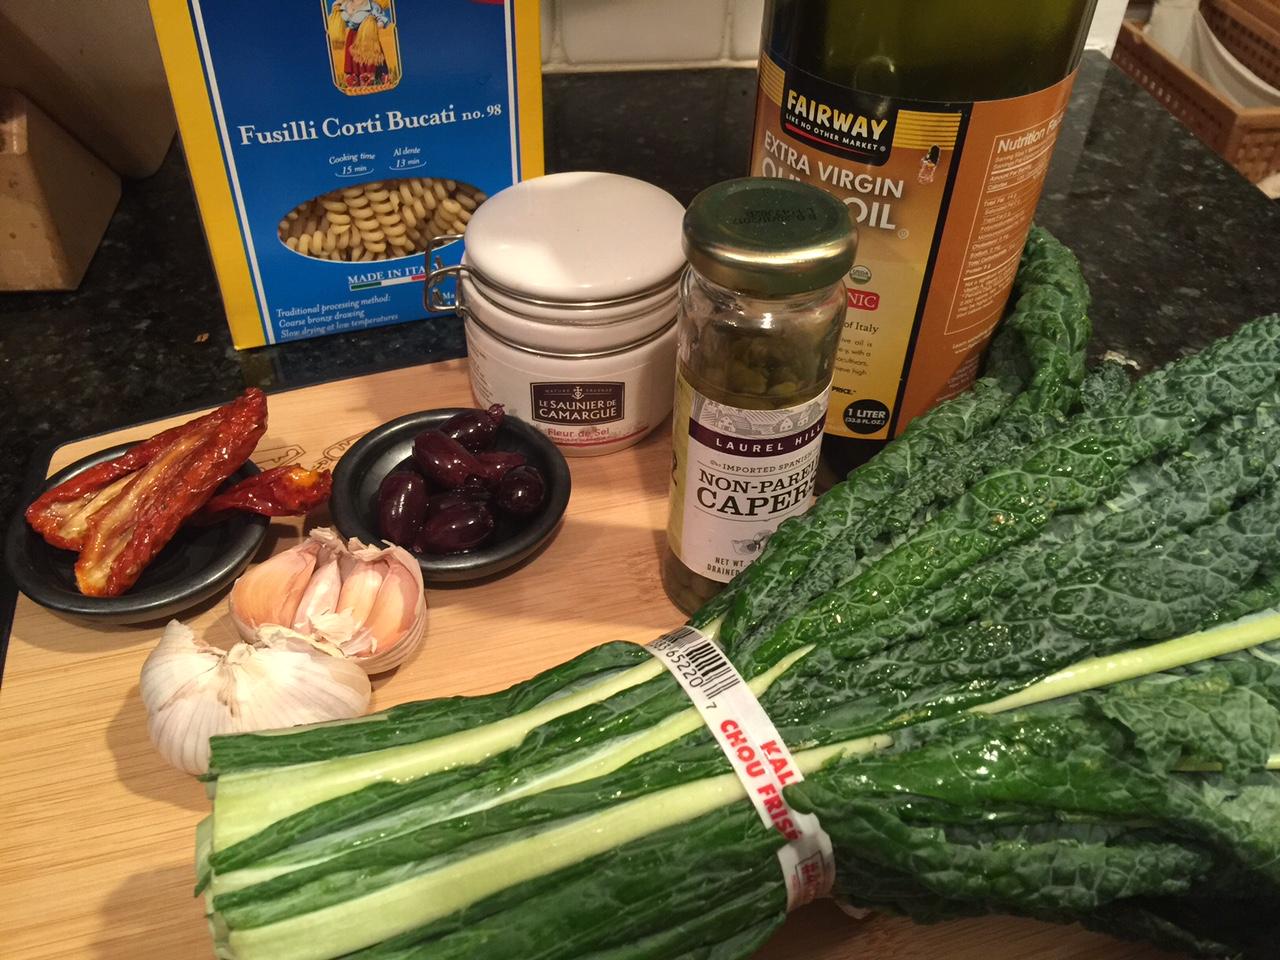 Mise en place Kale pasta